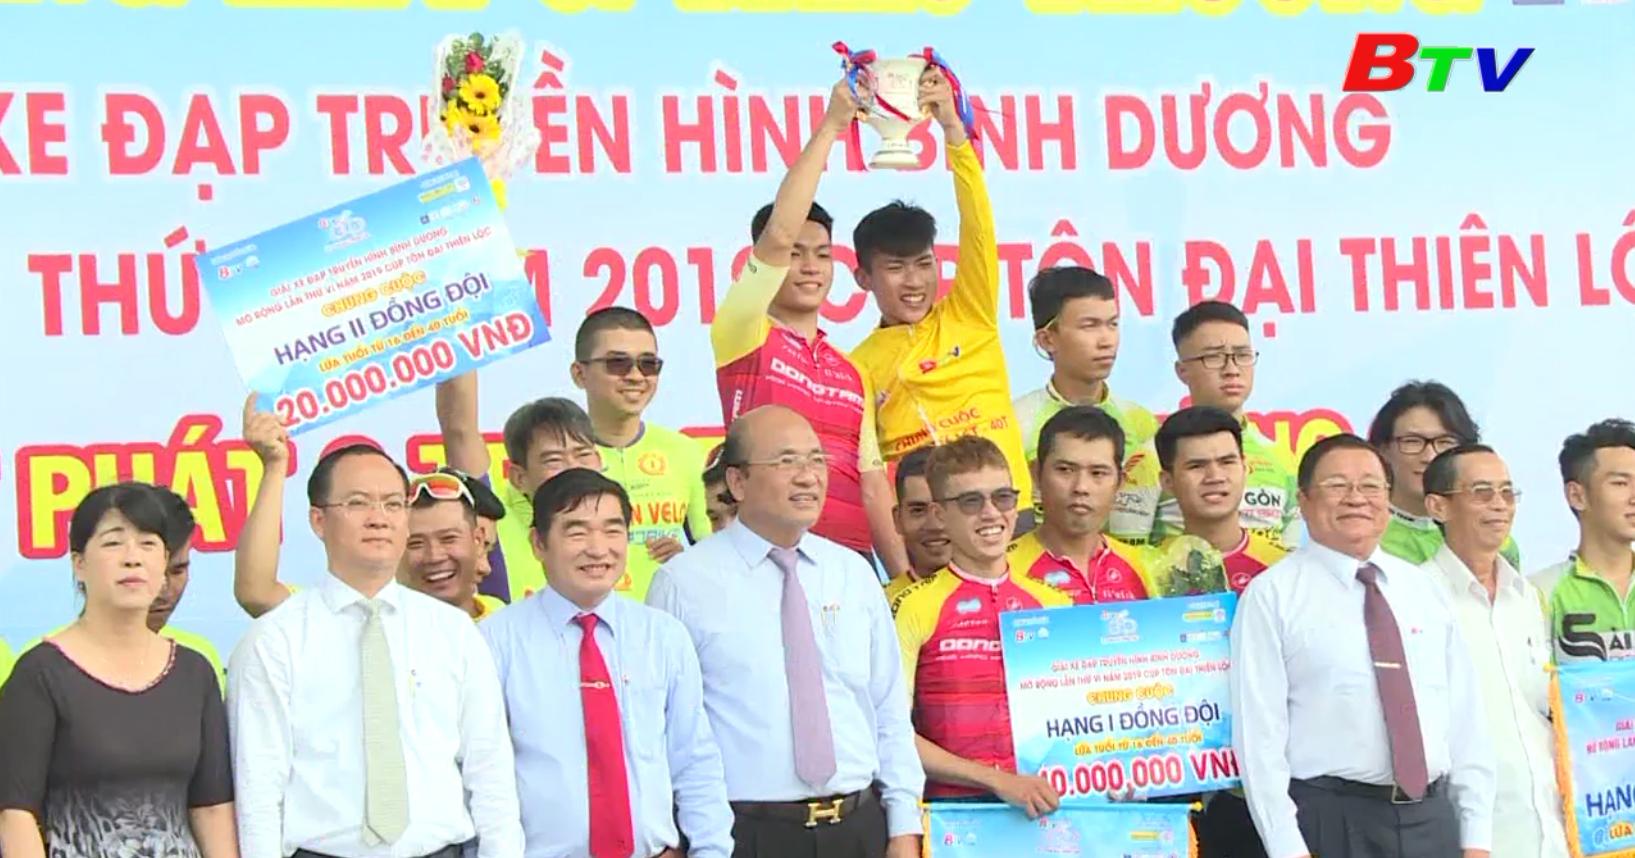 Giải xe đạp THBD mở rộng lần VI năm 2019 Cúp Tôn Đại Thiên Lộc - Khép lại mùa giải thành công